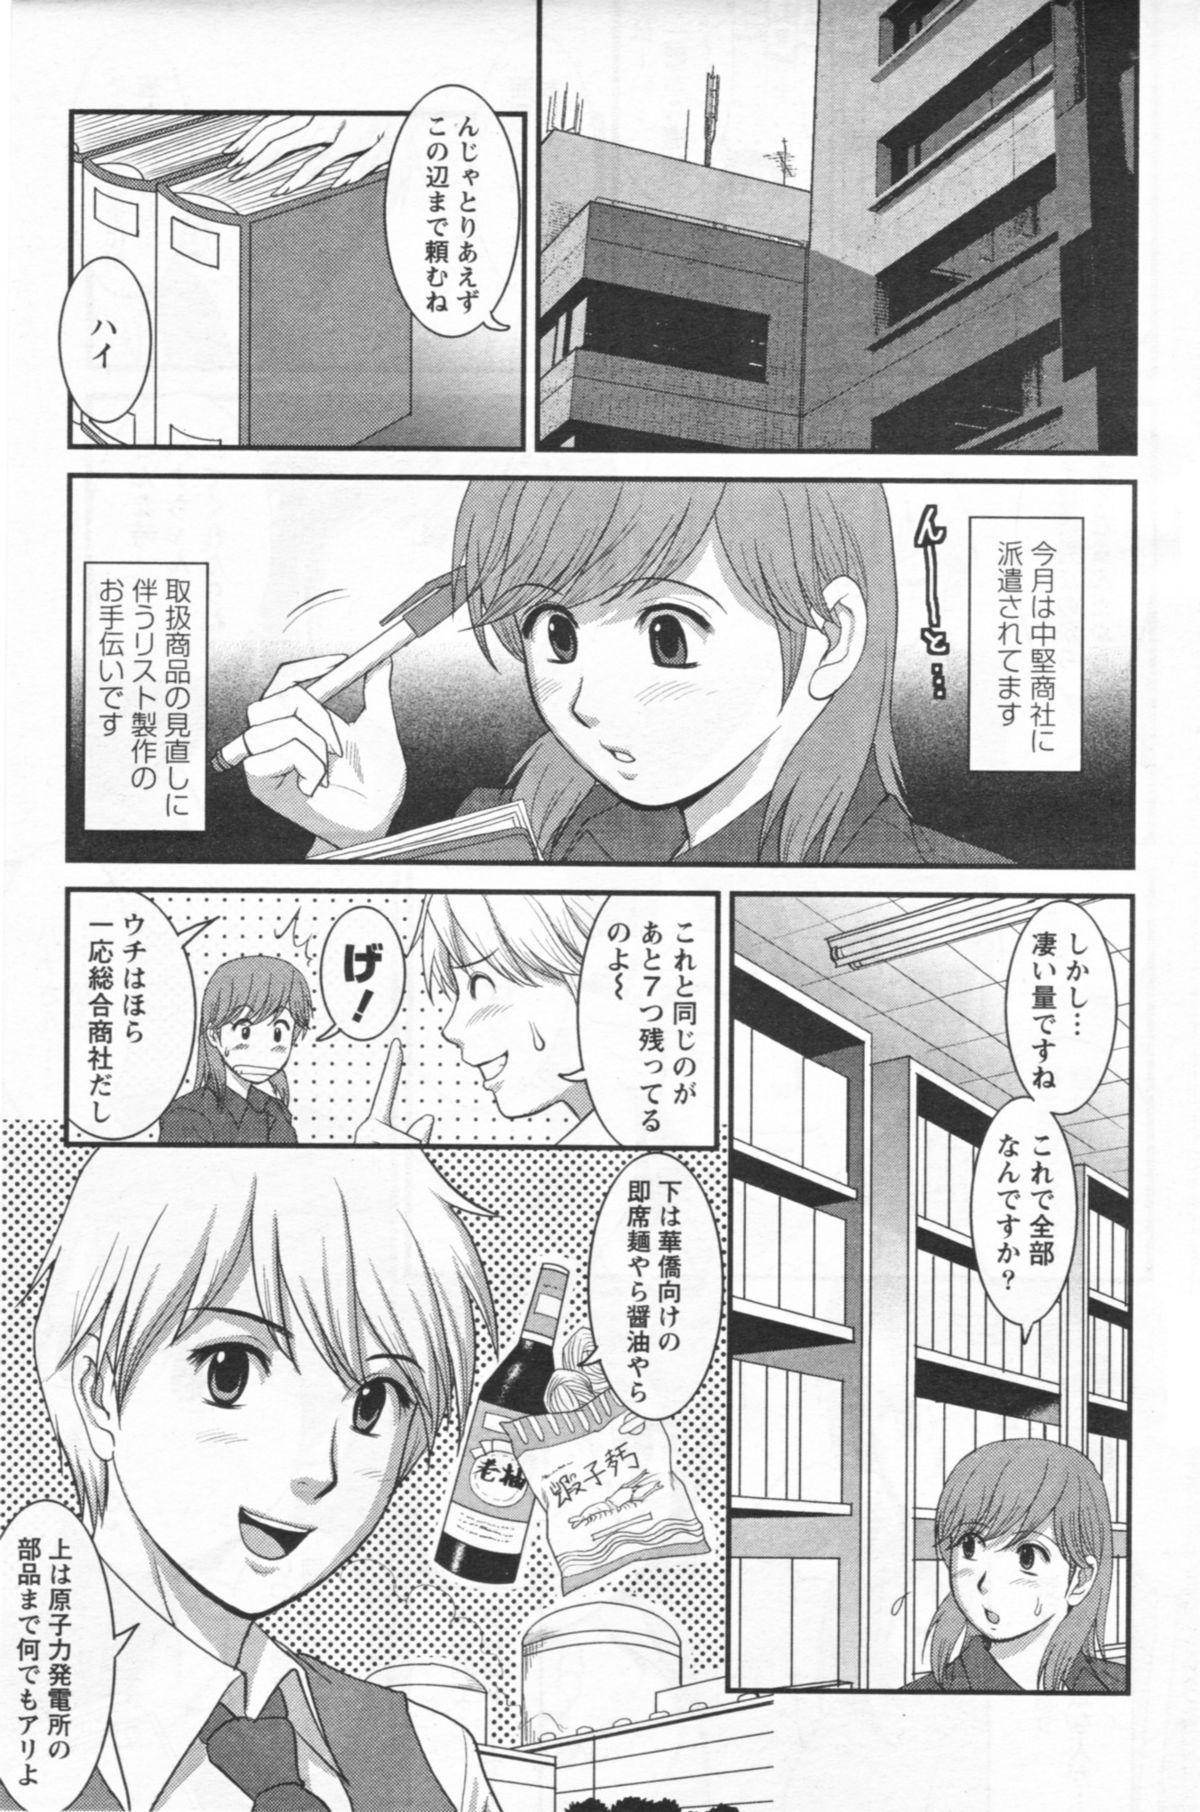 Haken no Muuko-san 12 7